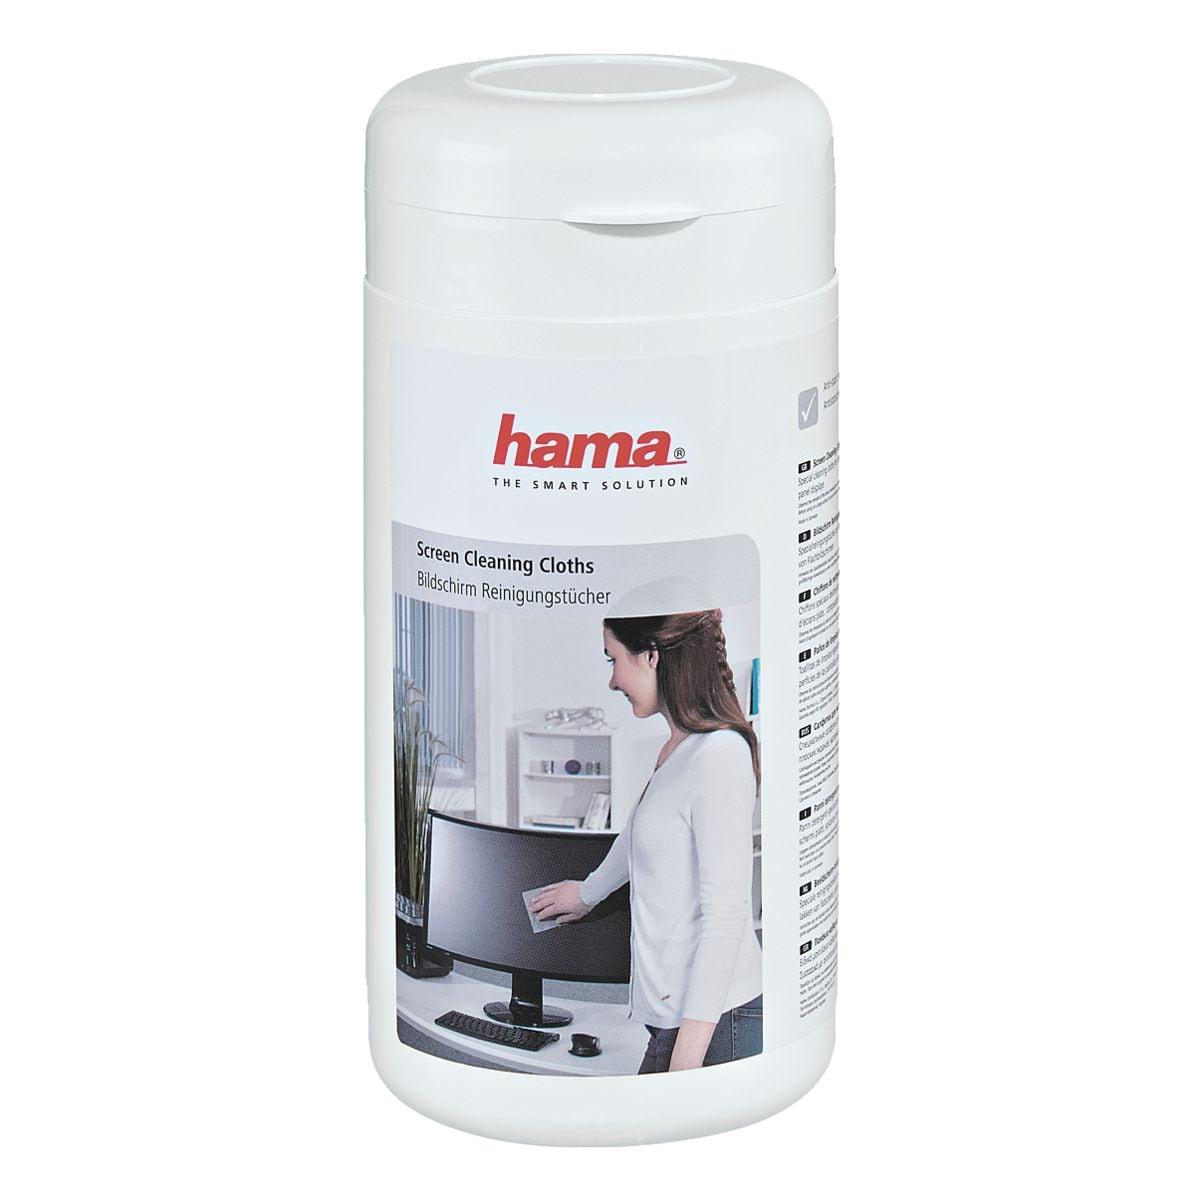 Hama Bildschirm-Reinigungstücher